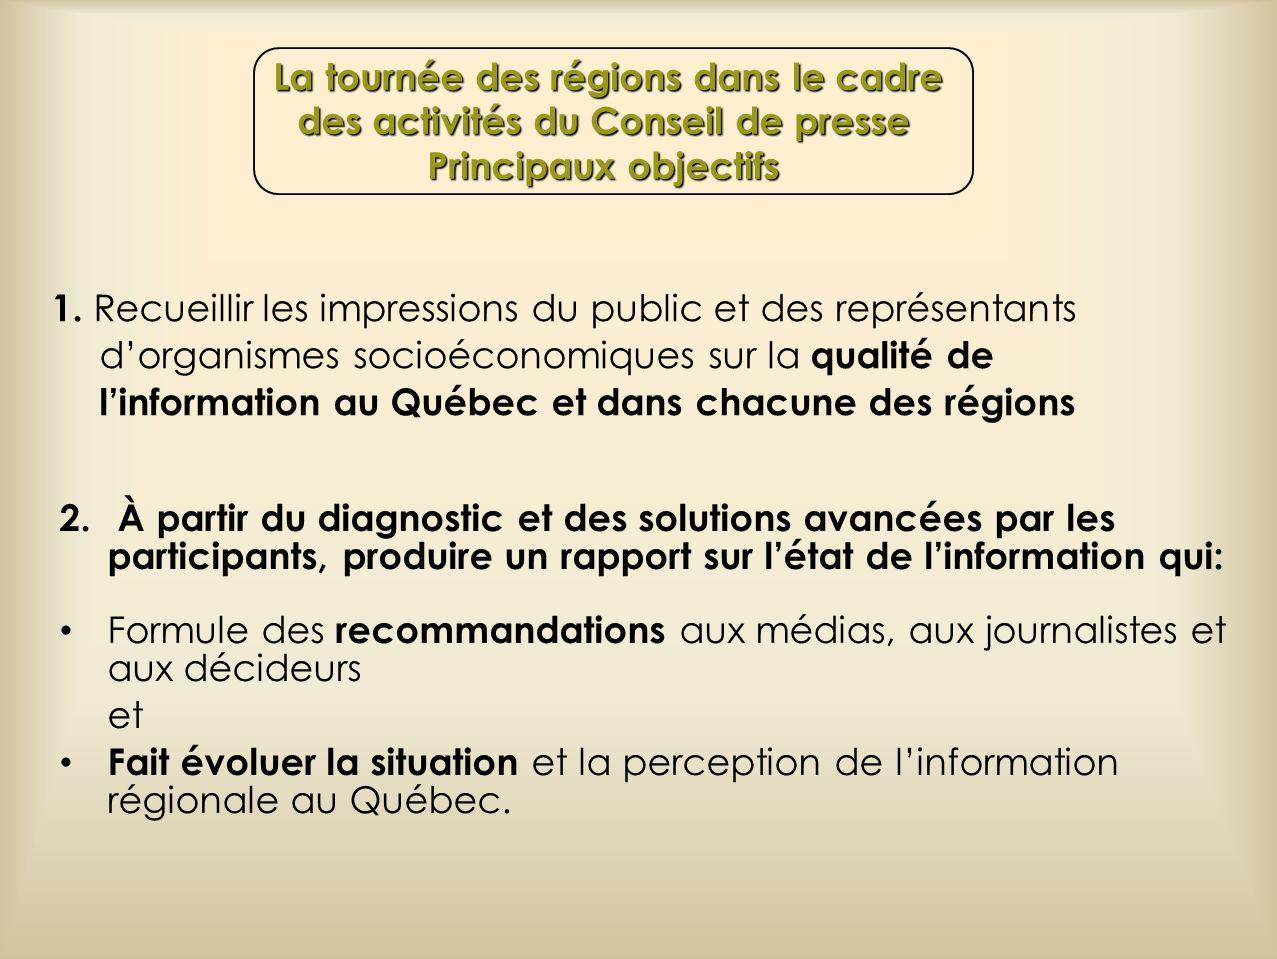 La tournée des régions dans le cadre des activités du Conseil de presse Principaux objectifs La tournée des régions dans le cadre des activités du Con